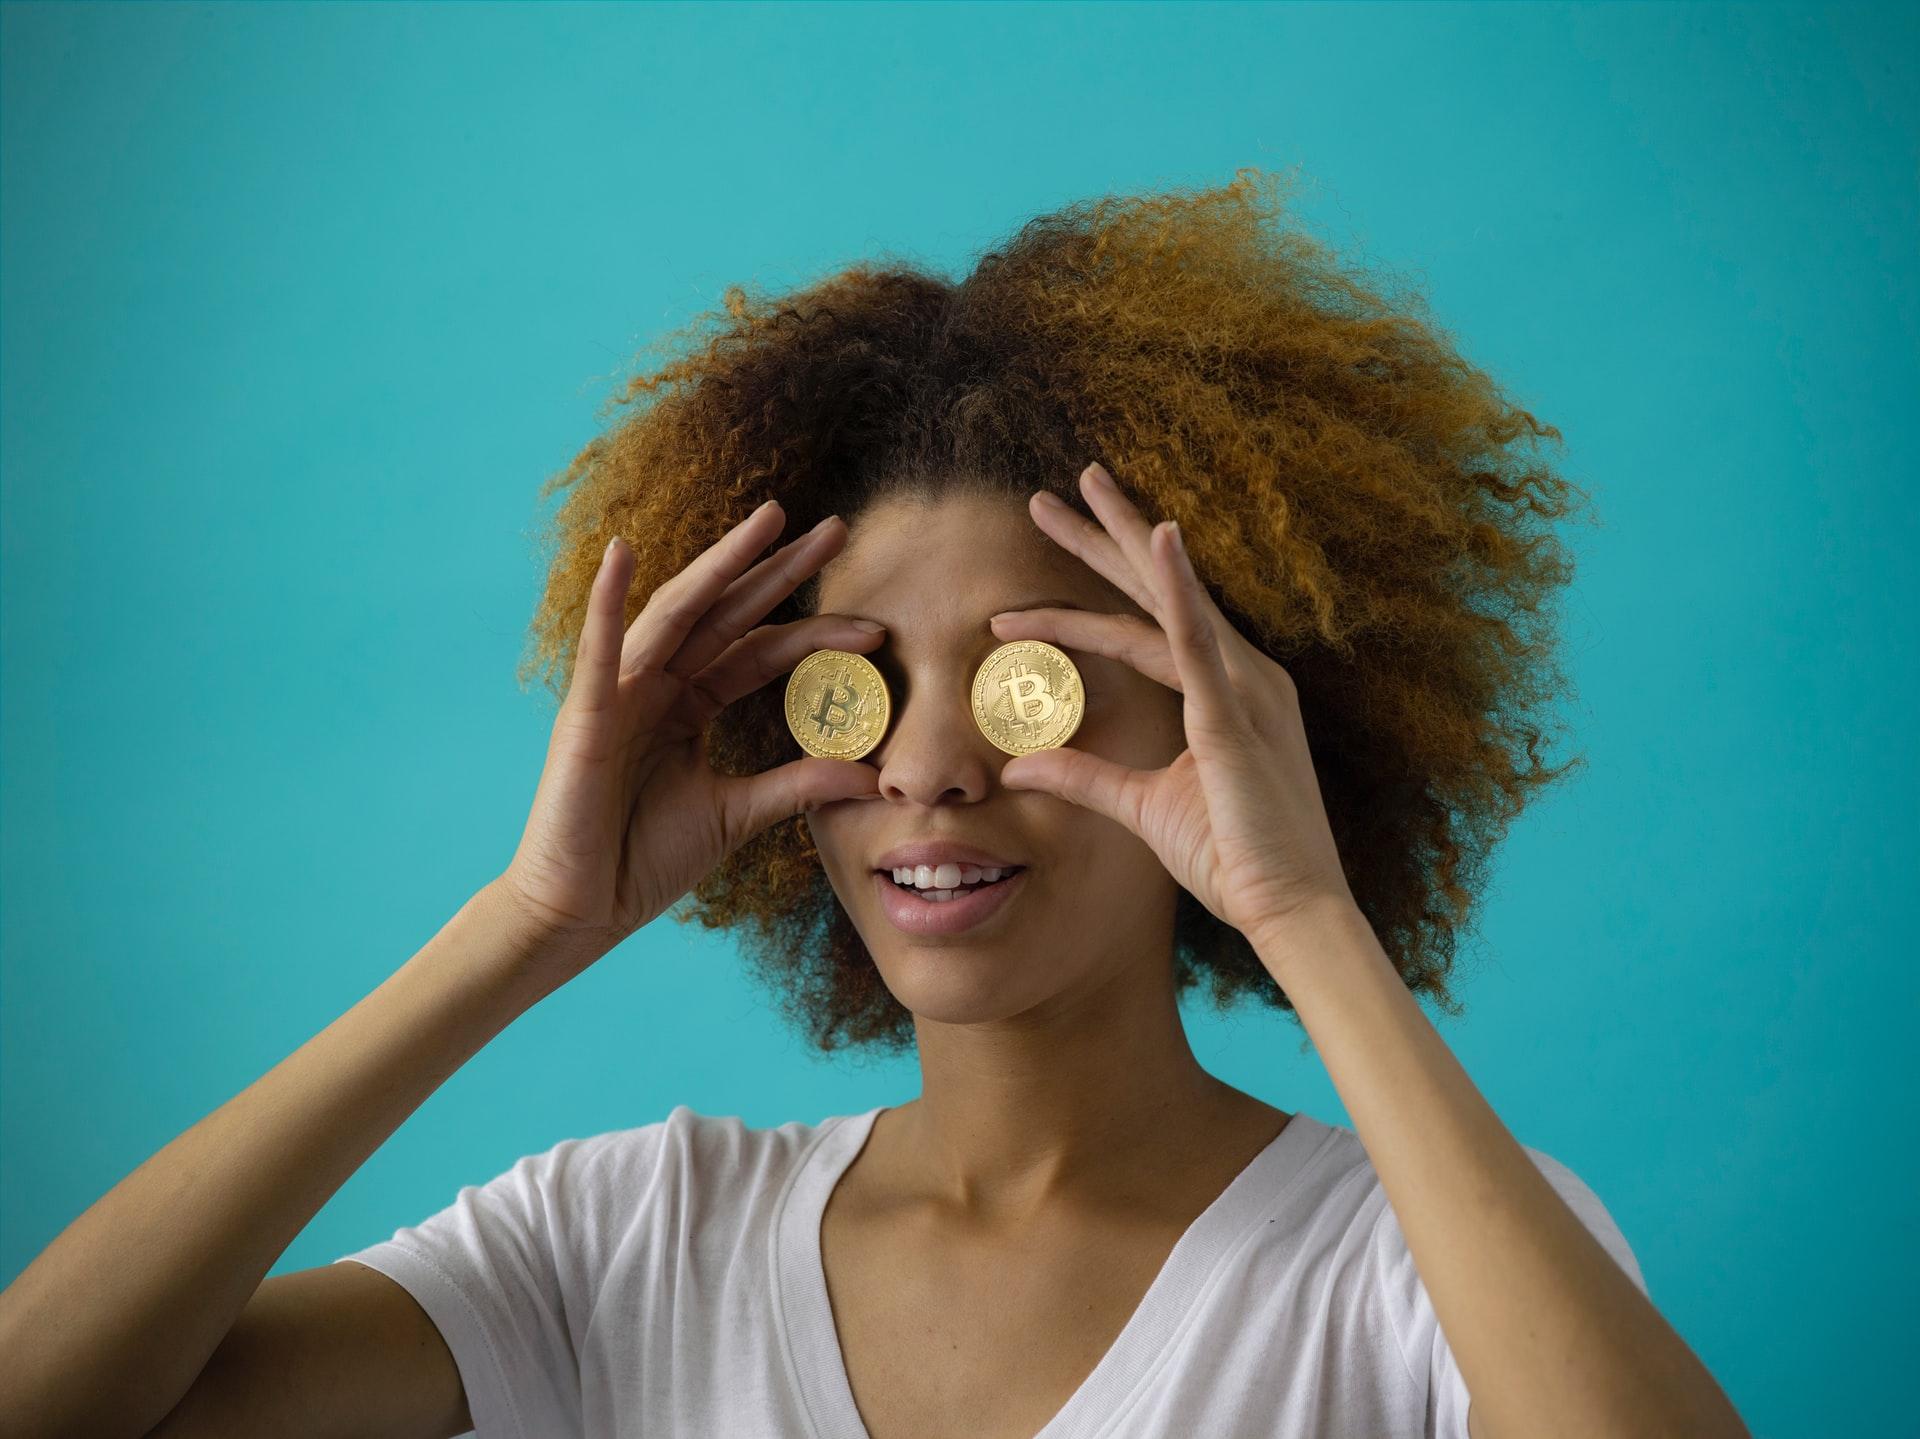 Bitcoin podría alcanzar los $ 100,000 pronto por un sentimiento «salvajemente alcista»: analista